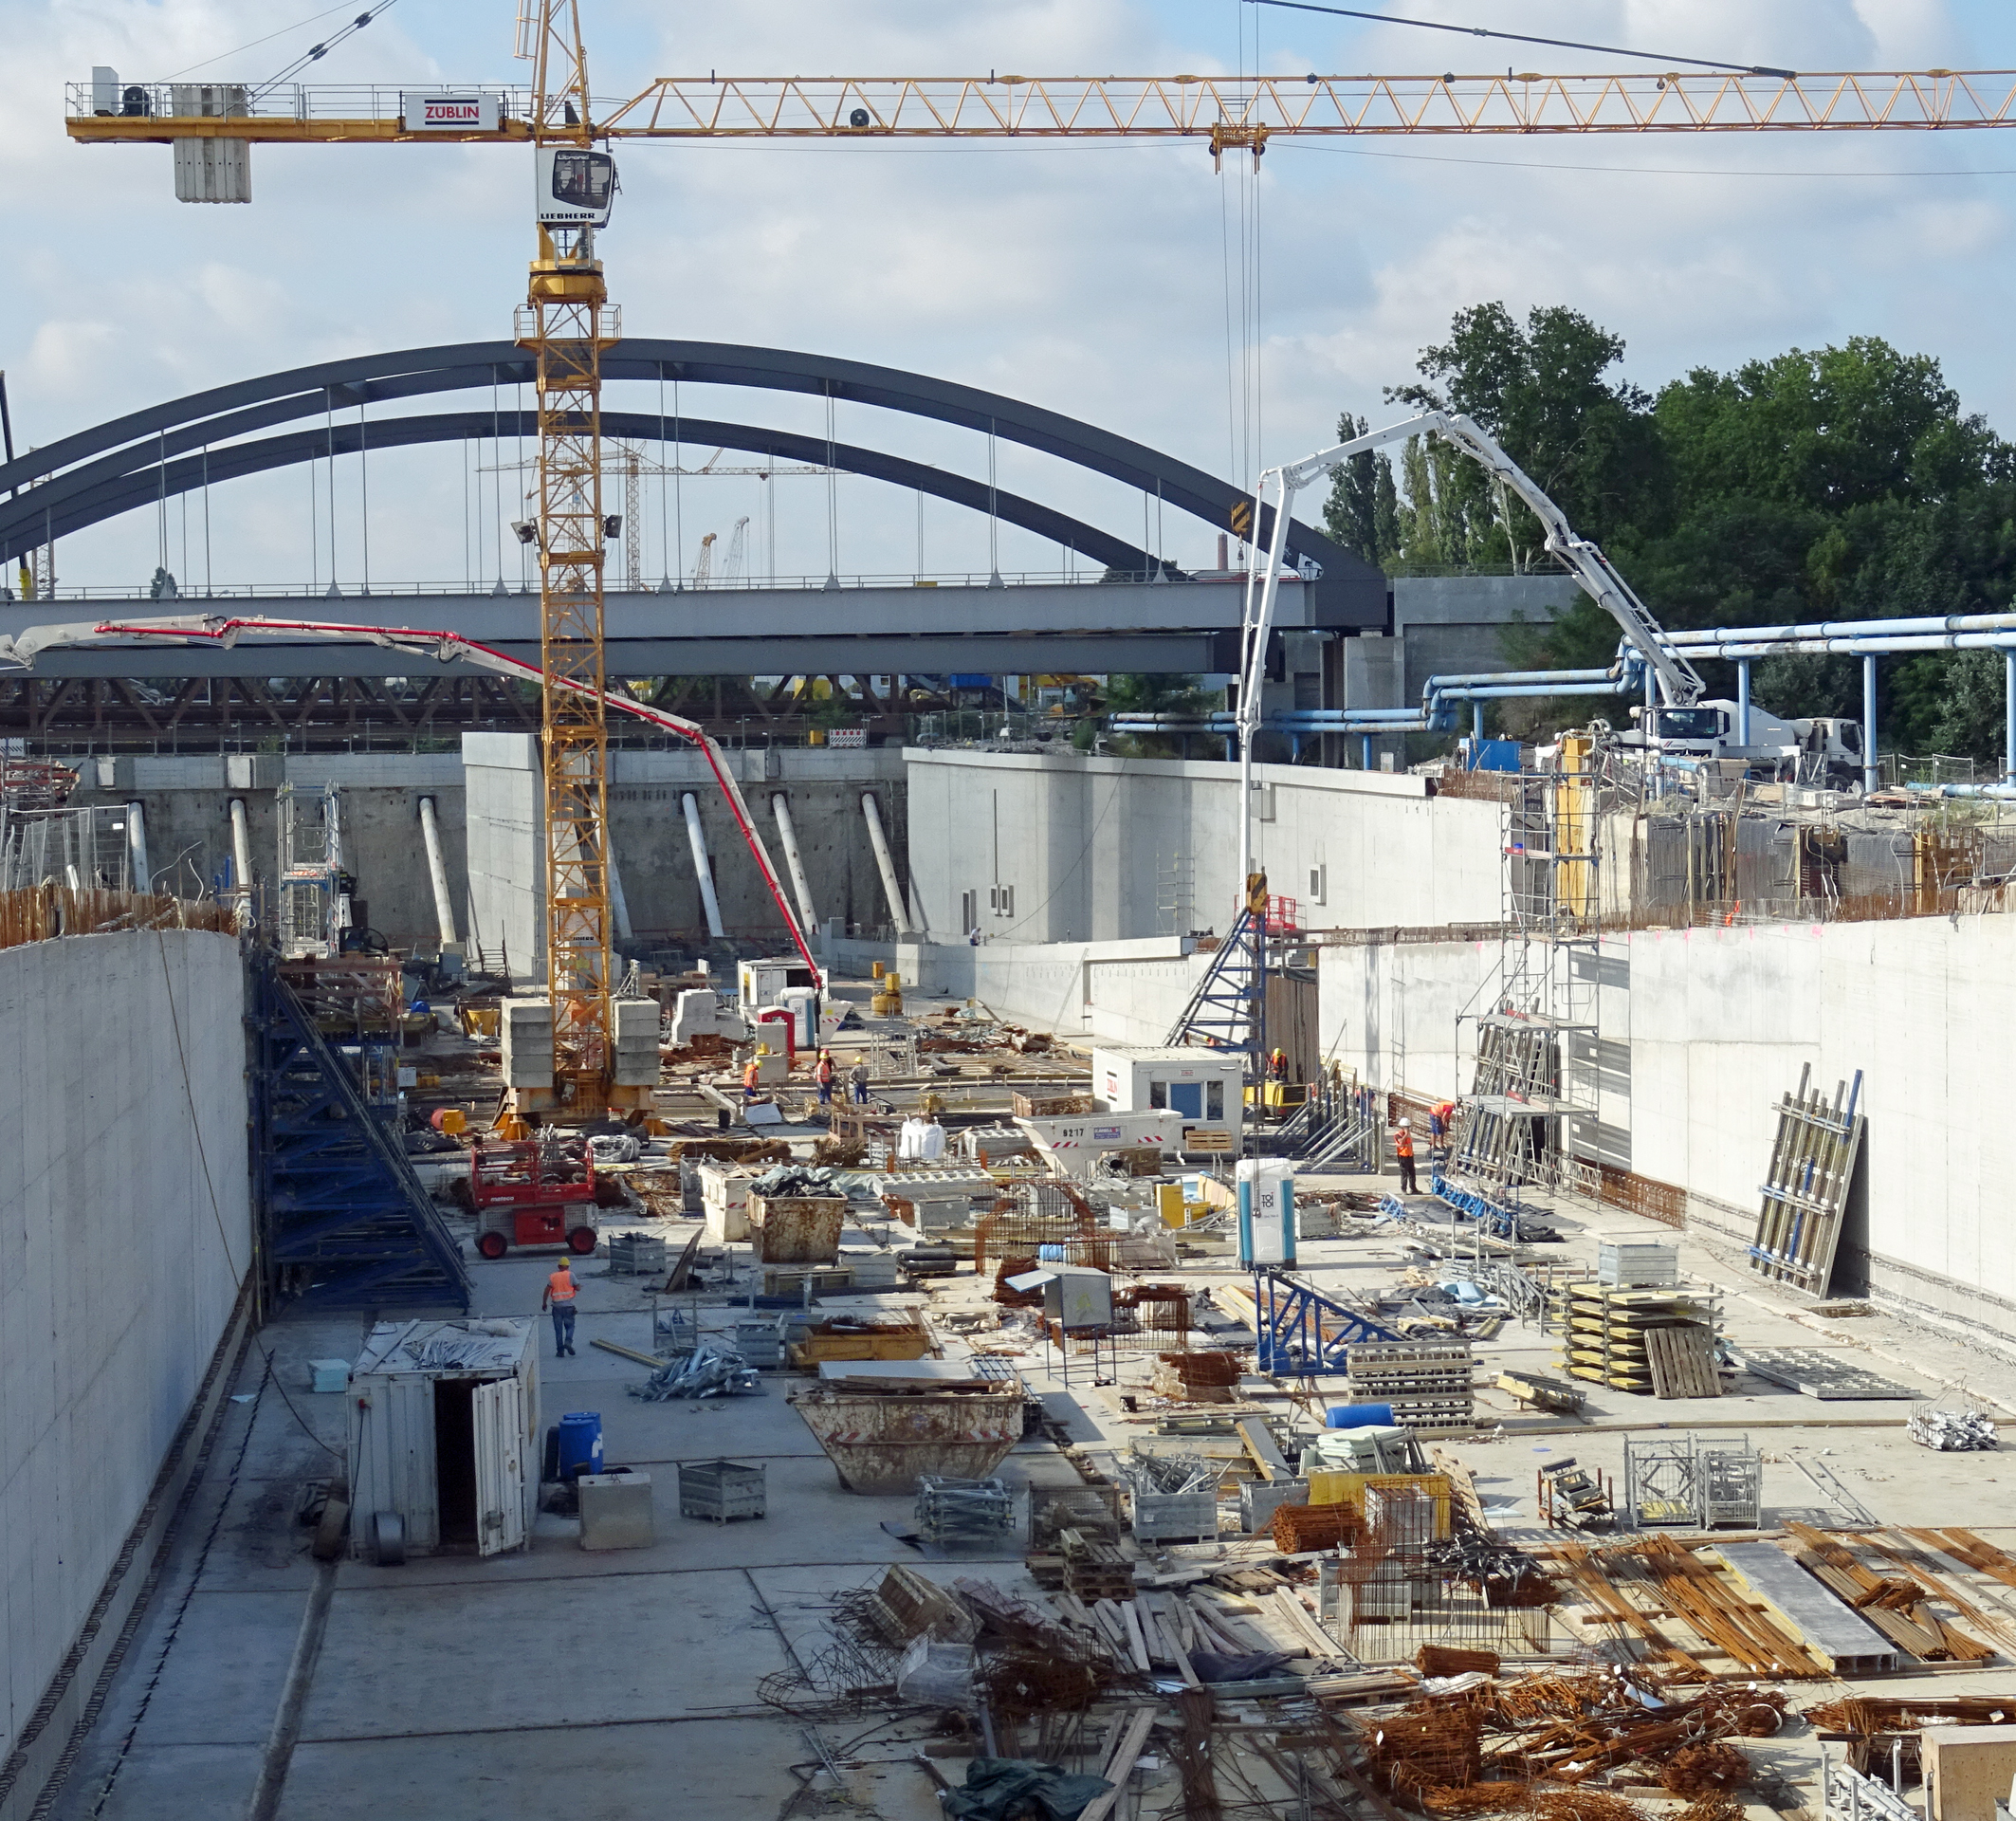 Der Bau der A100 schreitet voran: 2,3 km in Troglage sollen bis Ende des Jahres fertig gestellt sein. (Foto: CEMEX Deutschland AG / Hannah Fischer)